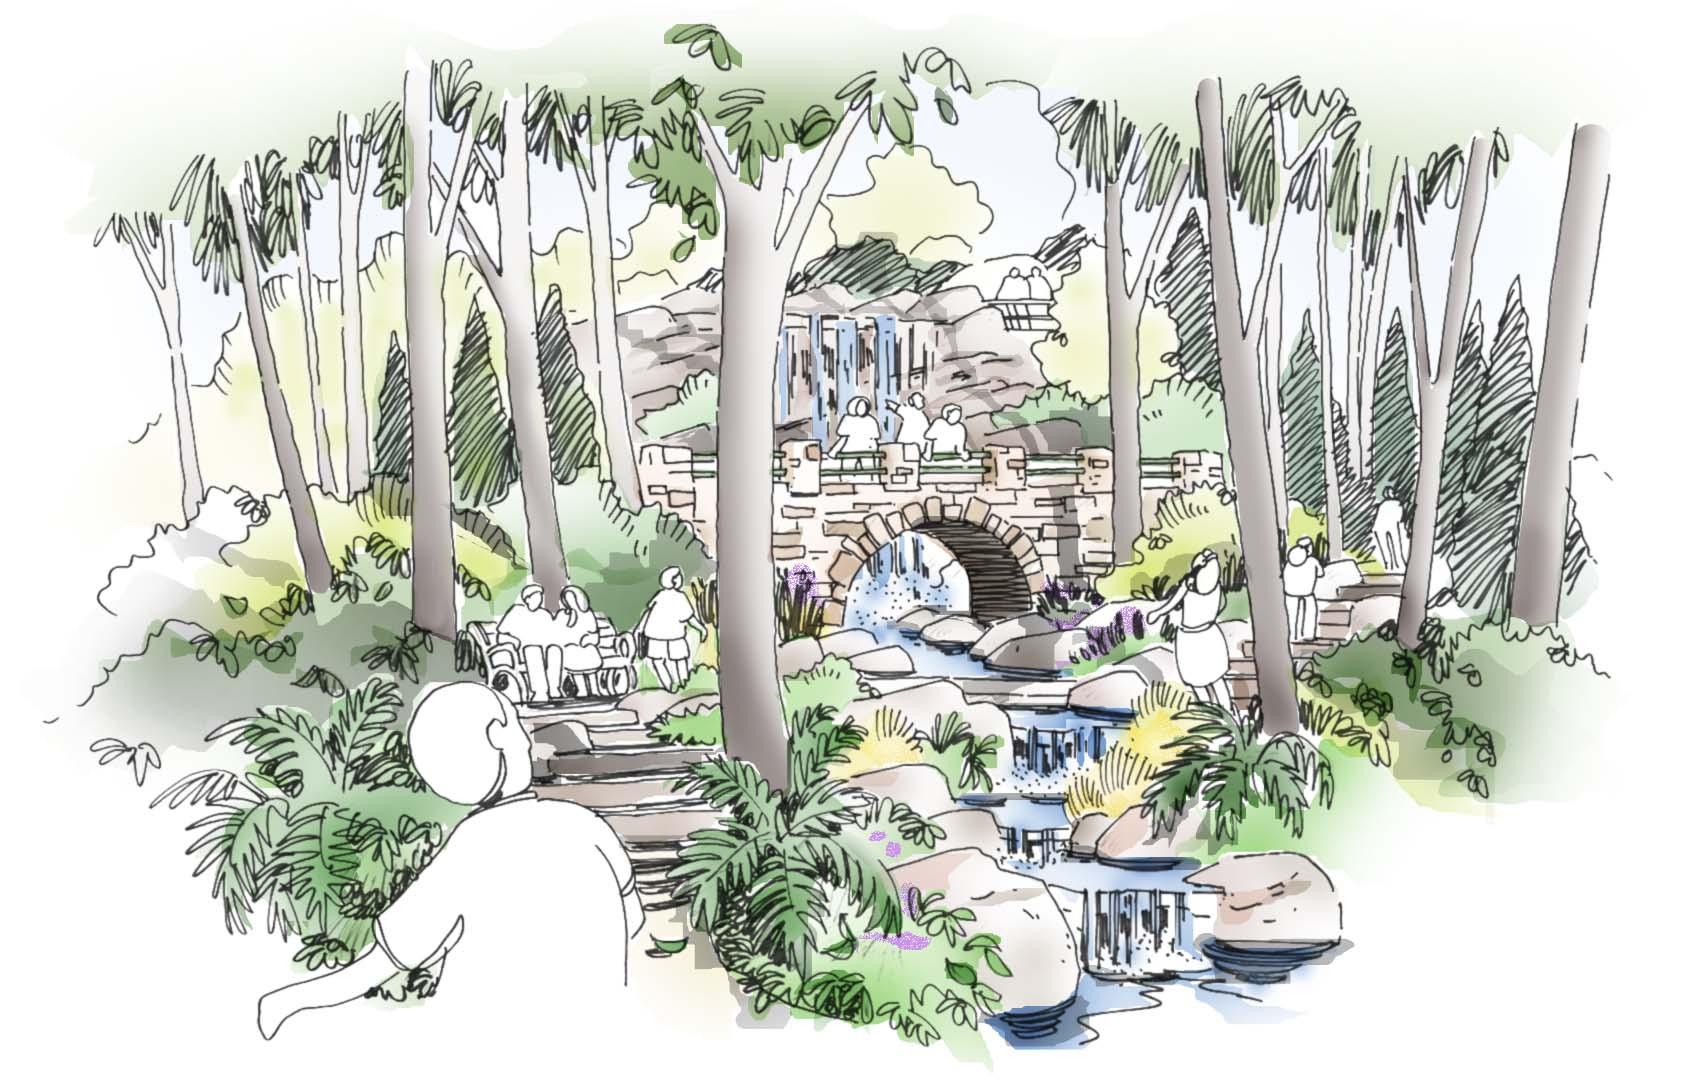 1_WaterfallTrail.jpg